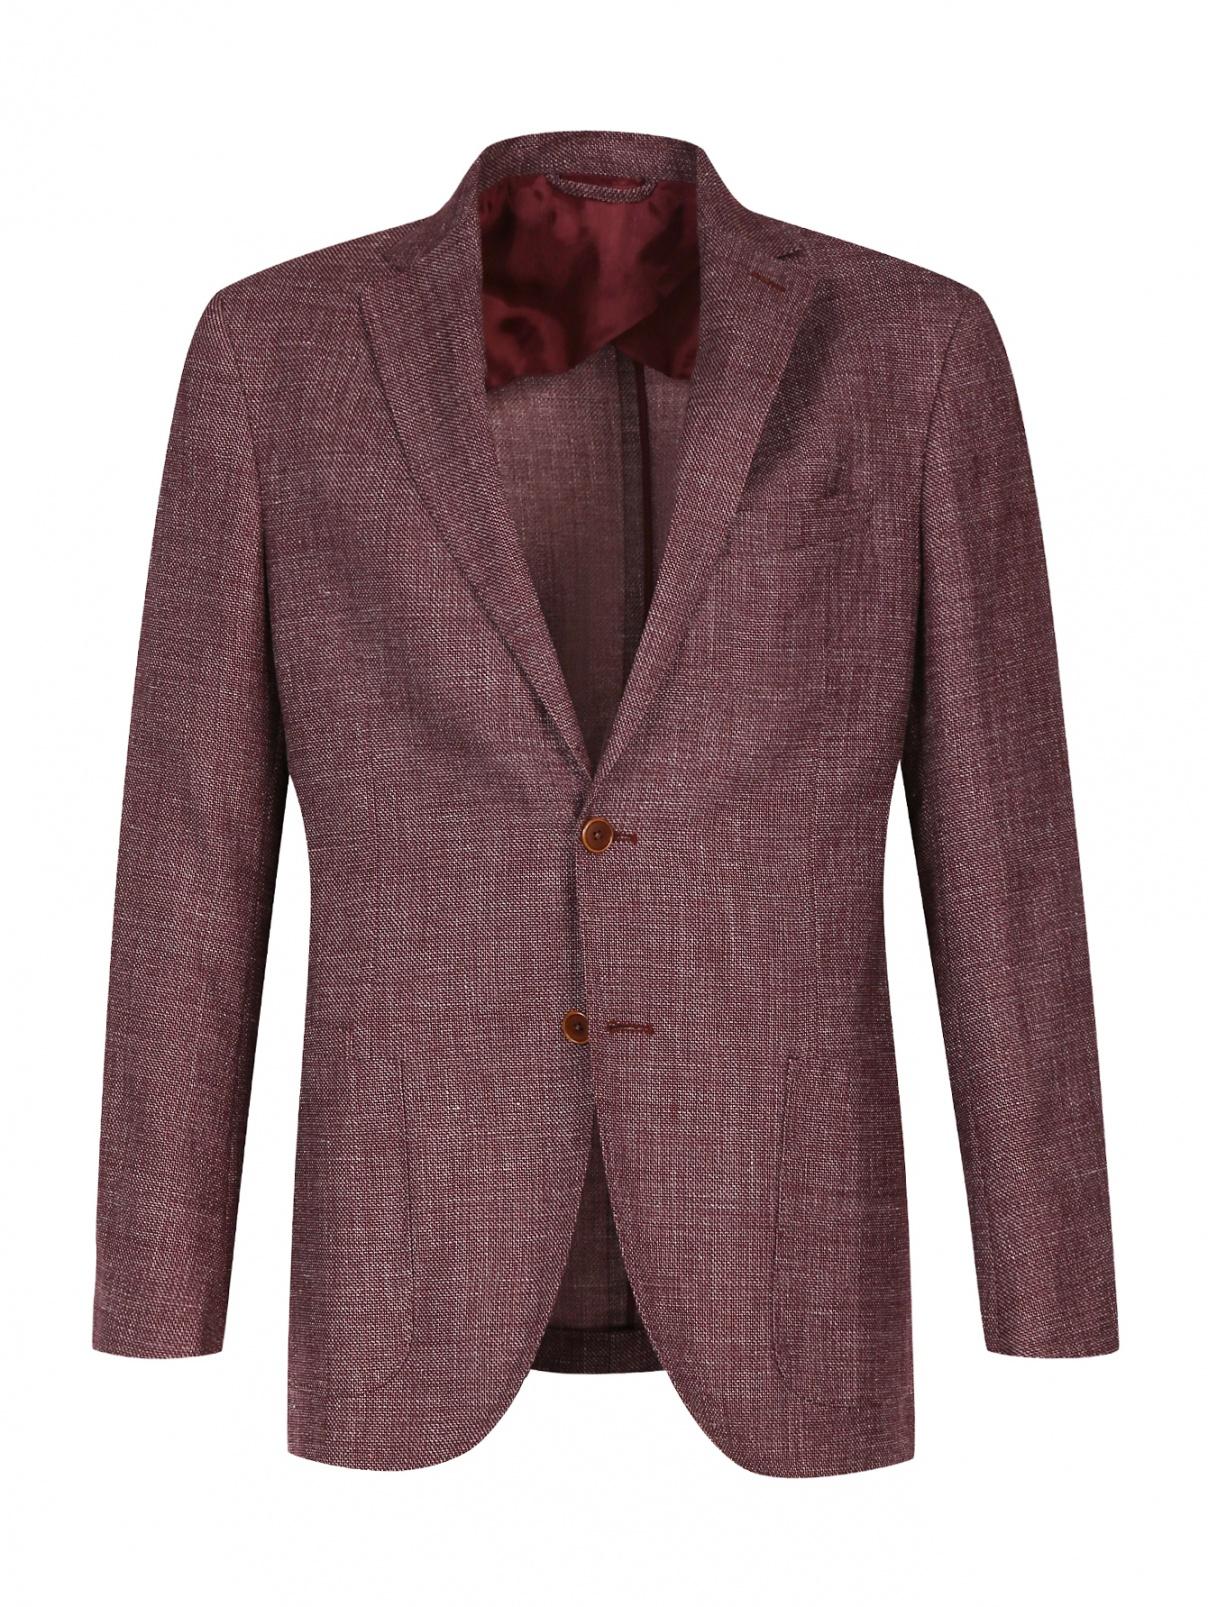 Пиджак однобортный из смешанной шерсти Luciano Barbera  –  Общий вид